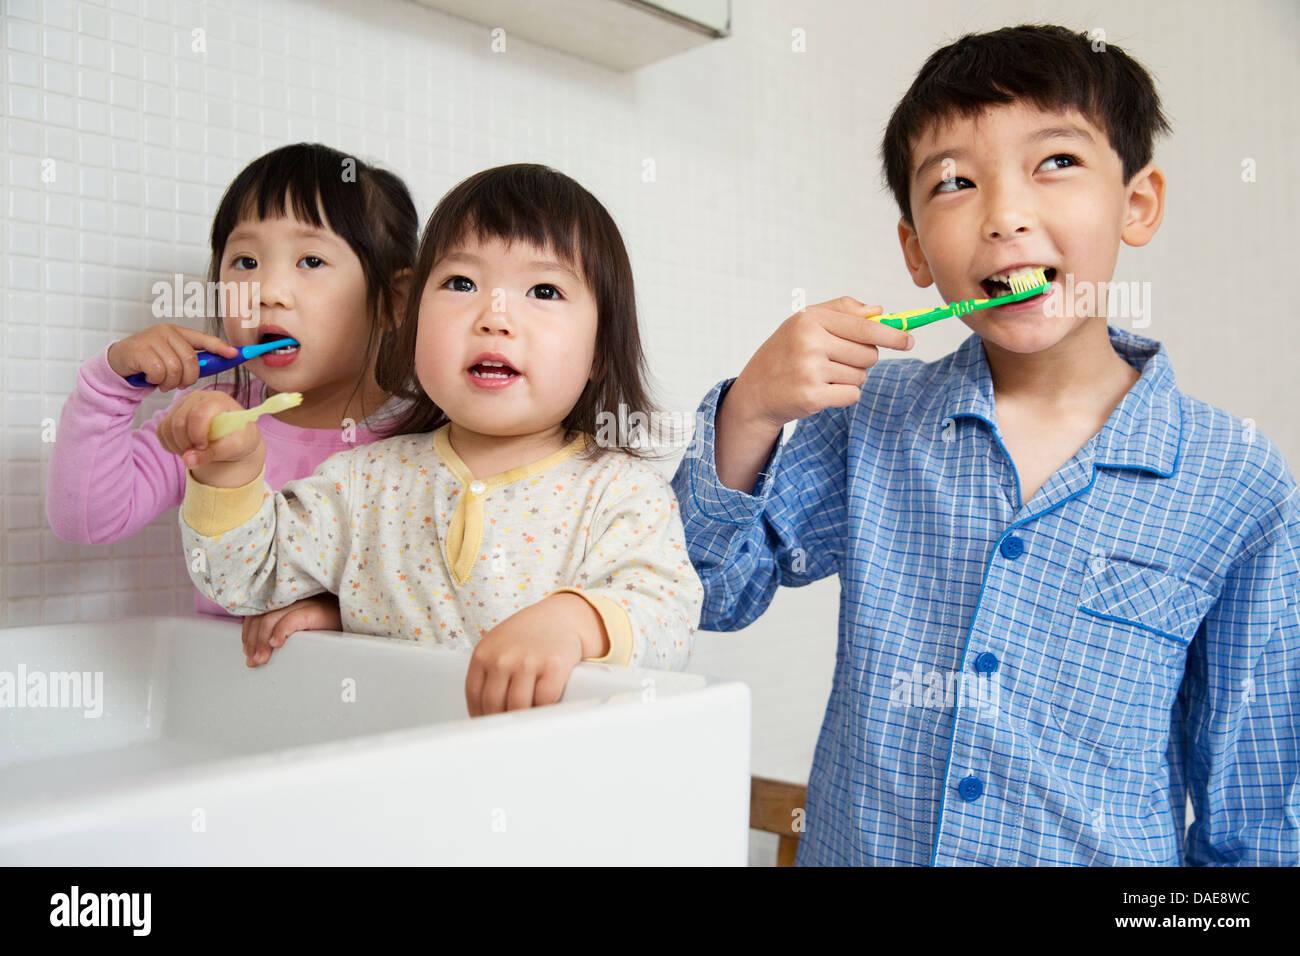 Fratelli e sorelle la pulizia dei denti Immagini Stock